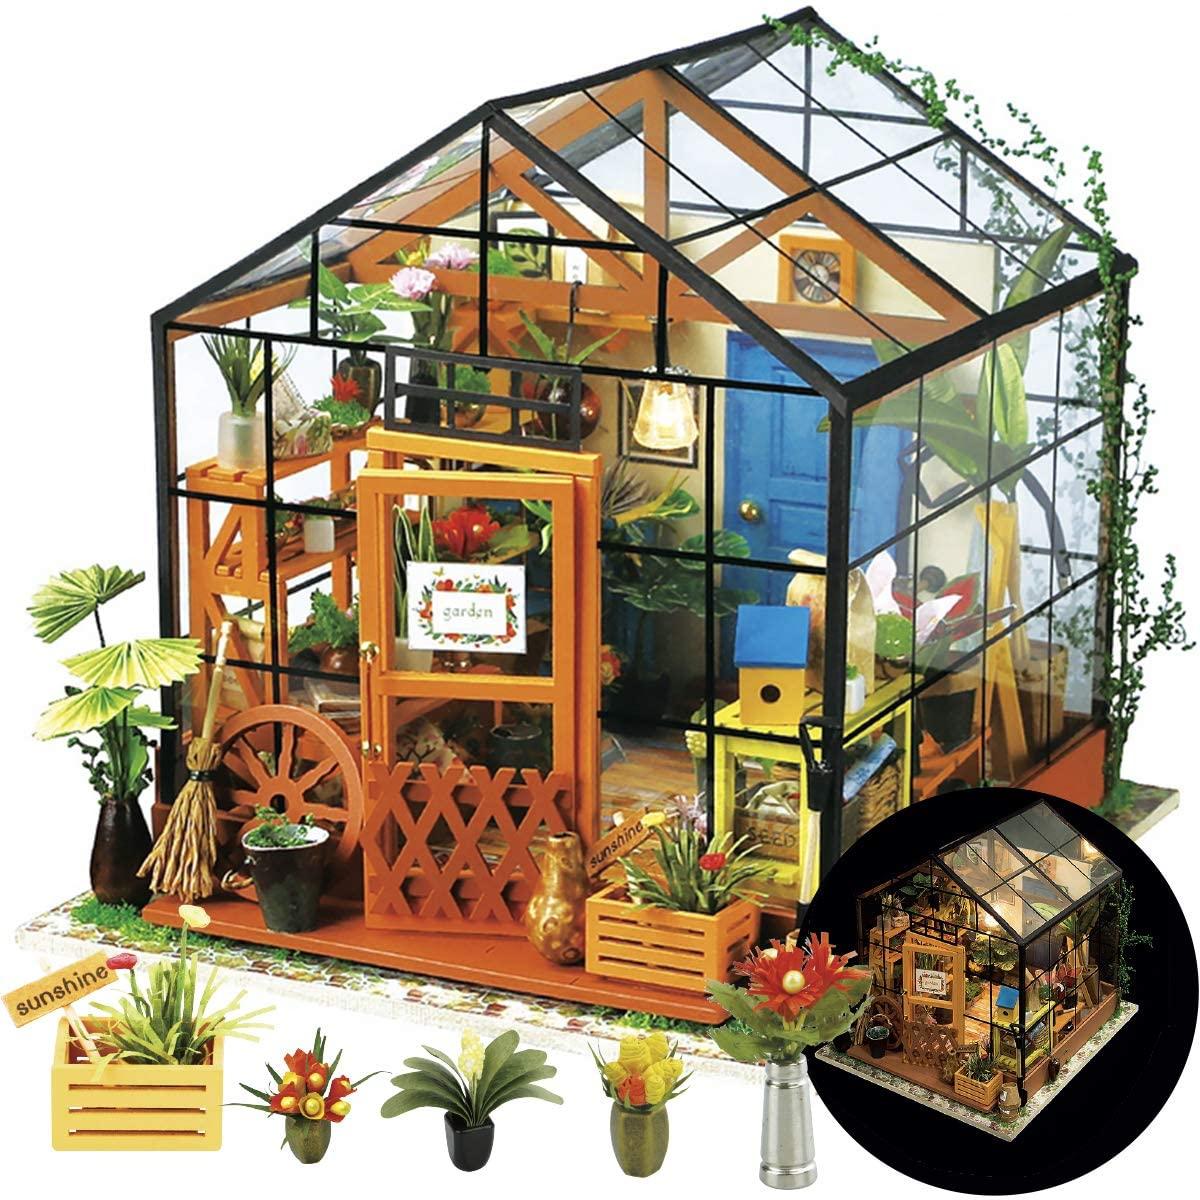 Мебель для кукольного домика «сделай сам», миниатюрные строительные комплекты, большой кукольный домик, комплект Roombox, вилла, сад, деревянны...